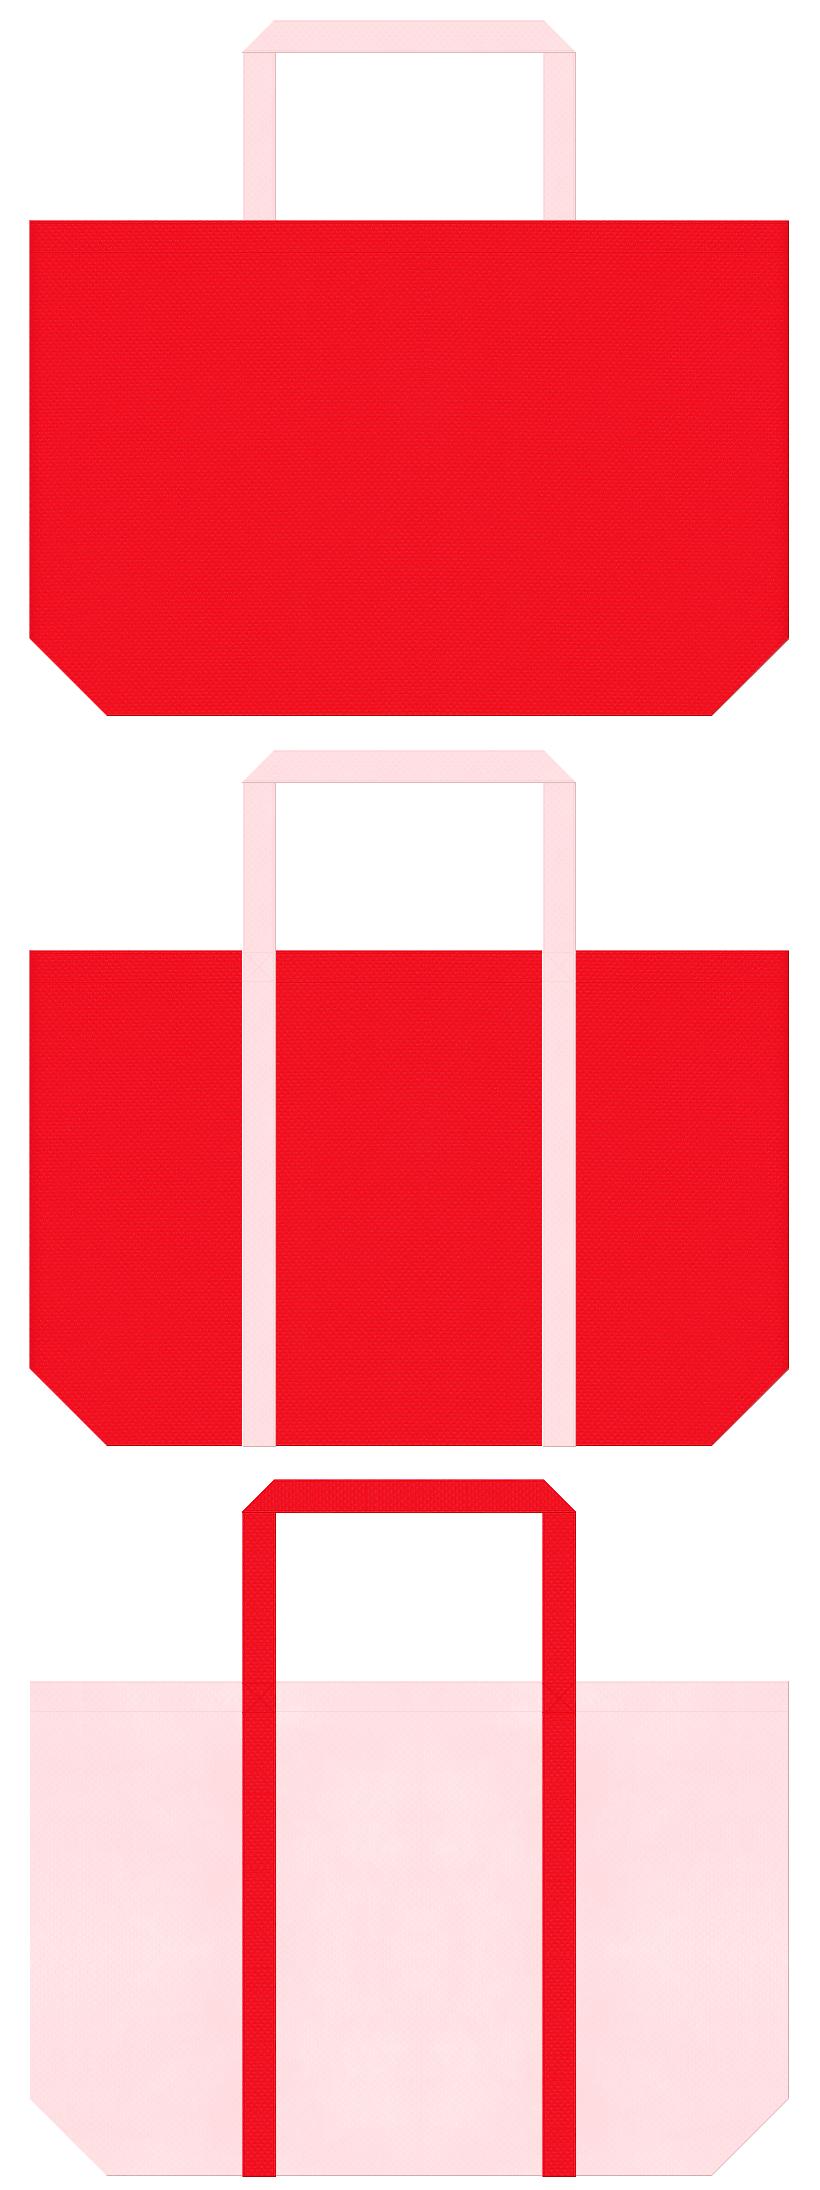 舞踊・婚礼・いちご・ハート・カーネーション・母の日・ひな祭り・いちご大福・和風催事・お正月・福袋にお奨めの不織布ショッピングバッグのデザイン:赤色と桜色のコーデ